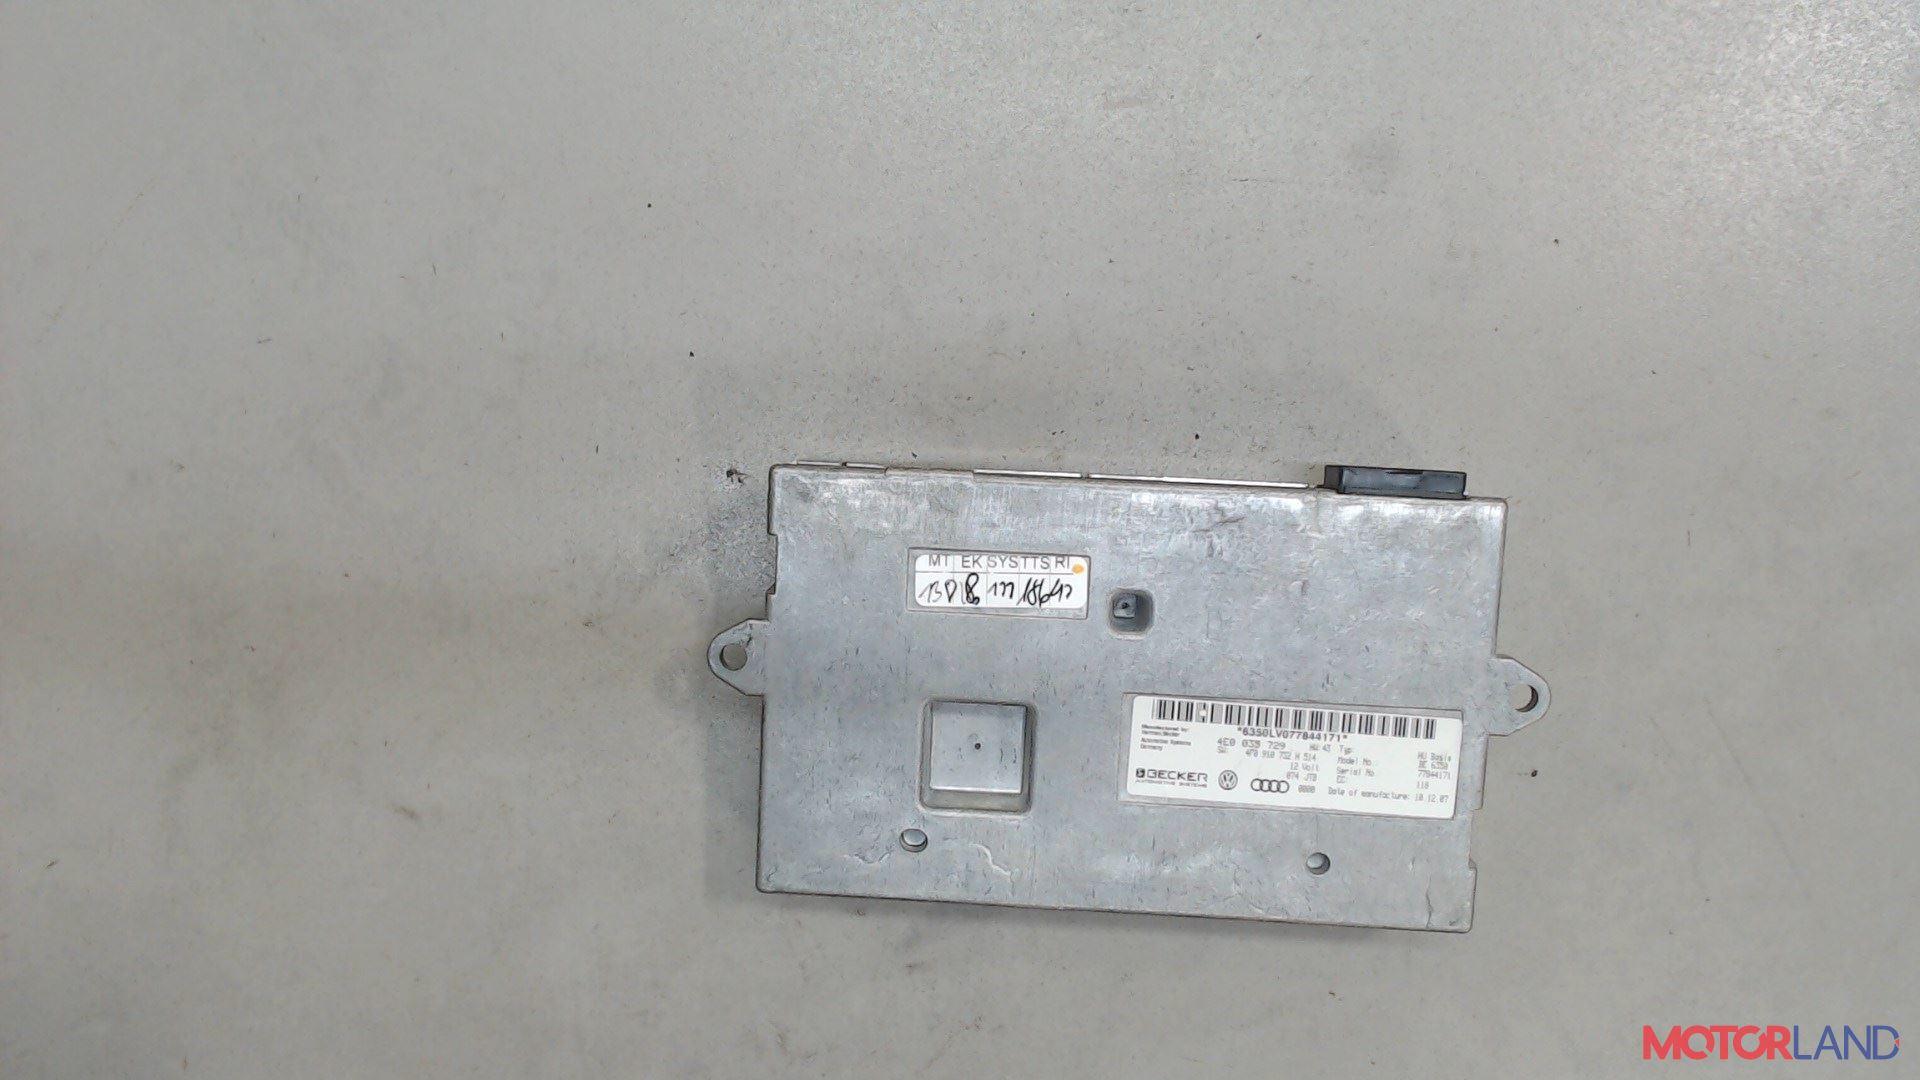 Блок управления (ЭБУ) Audi A6 (C6) 2005-2011 2.7 л. 2008 BPP б/у #1